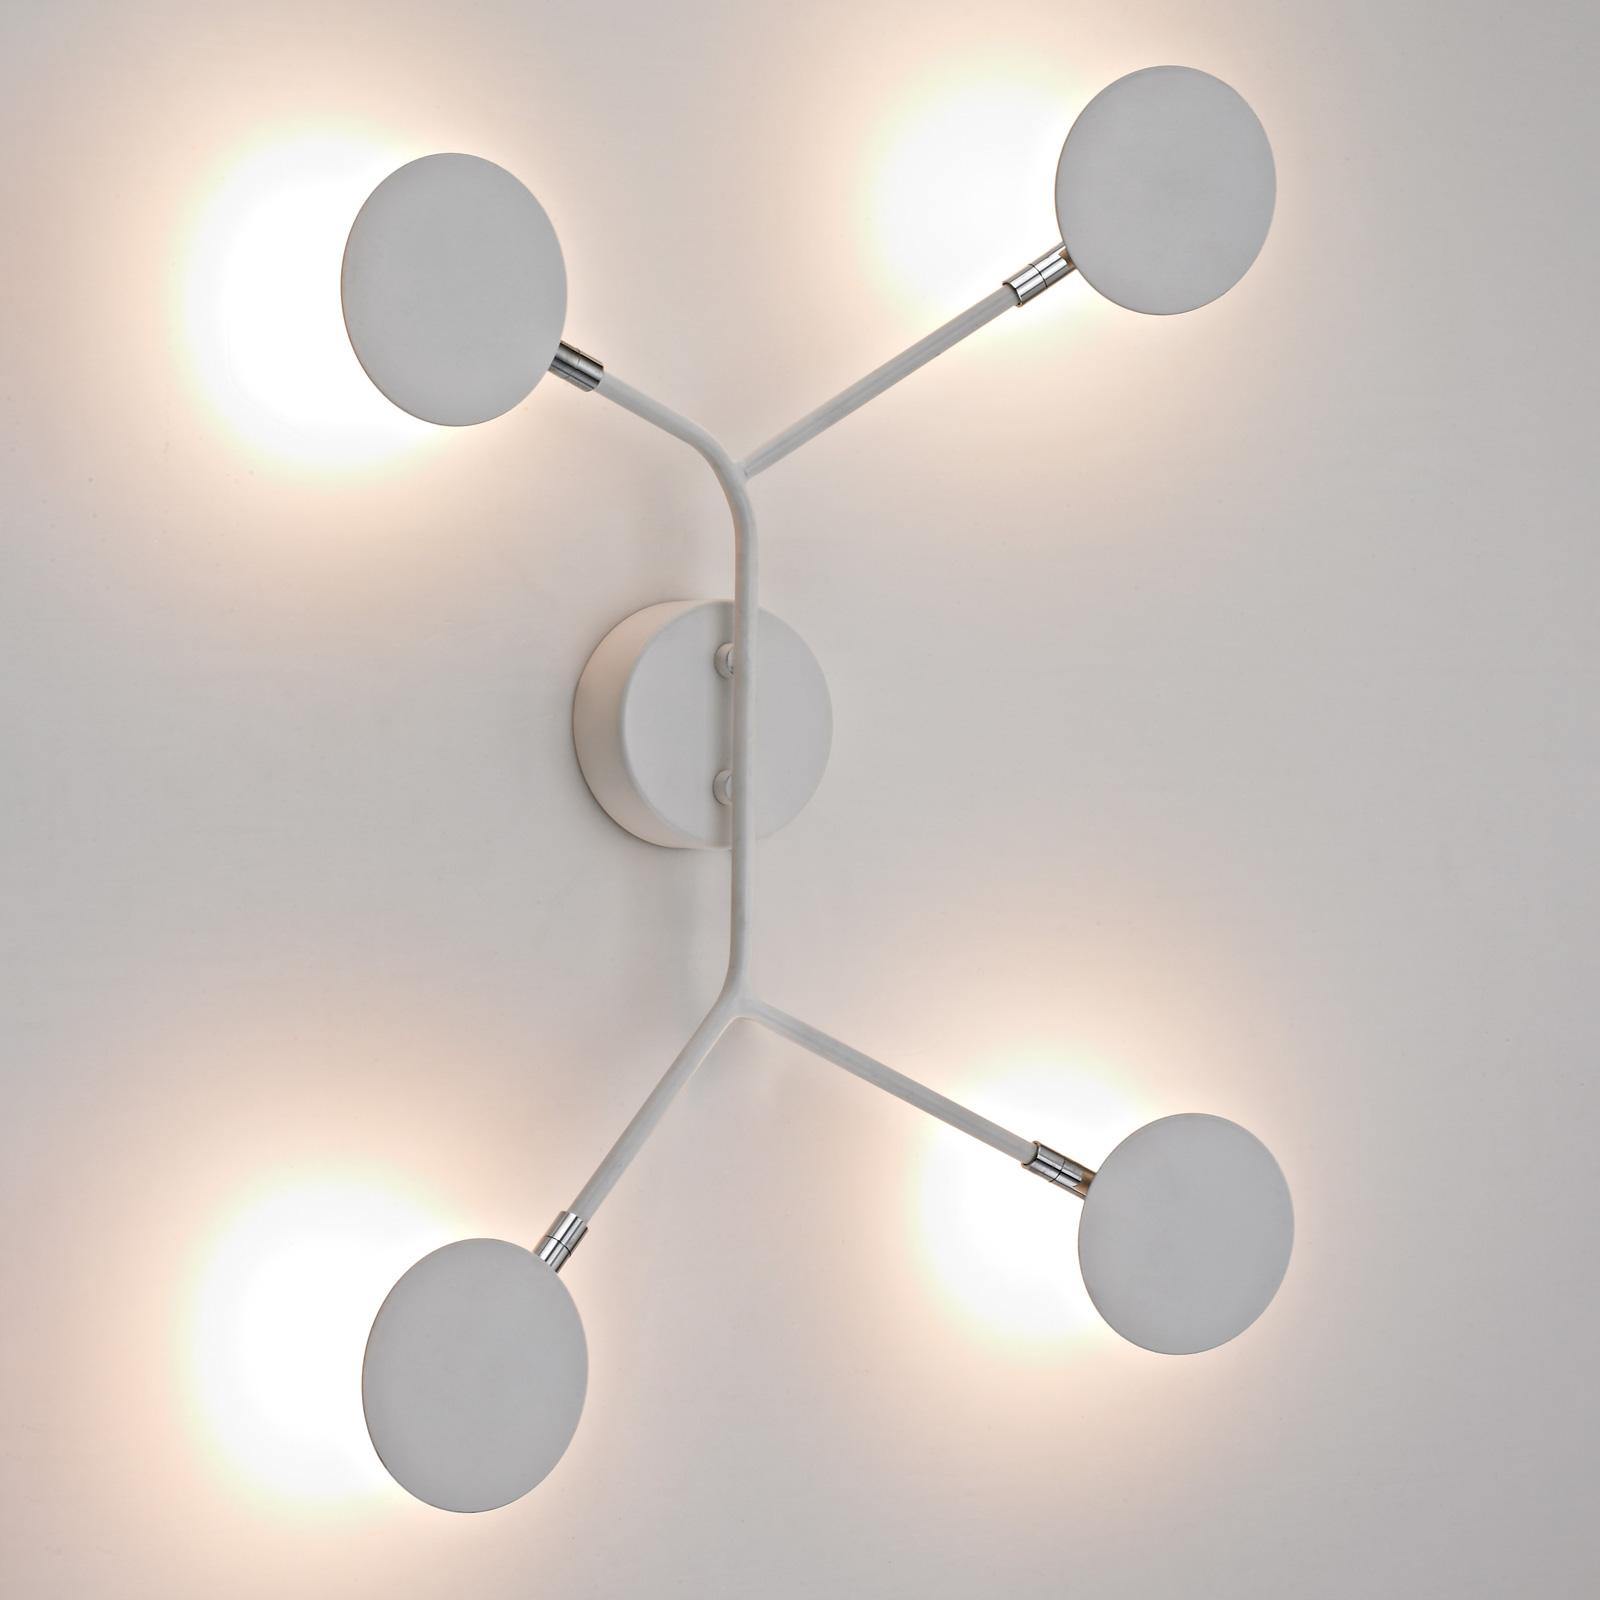 LED-vägglampa Belize, 4 lampor, vit